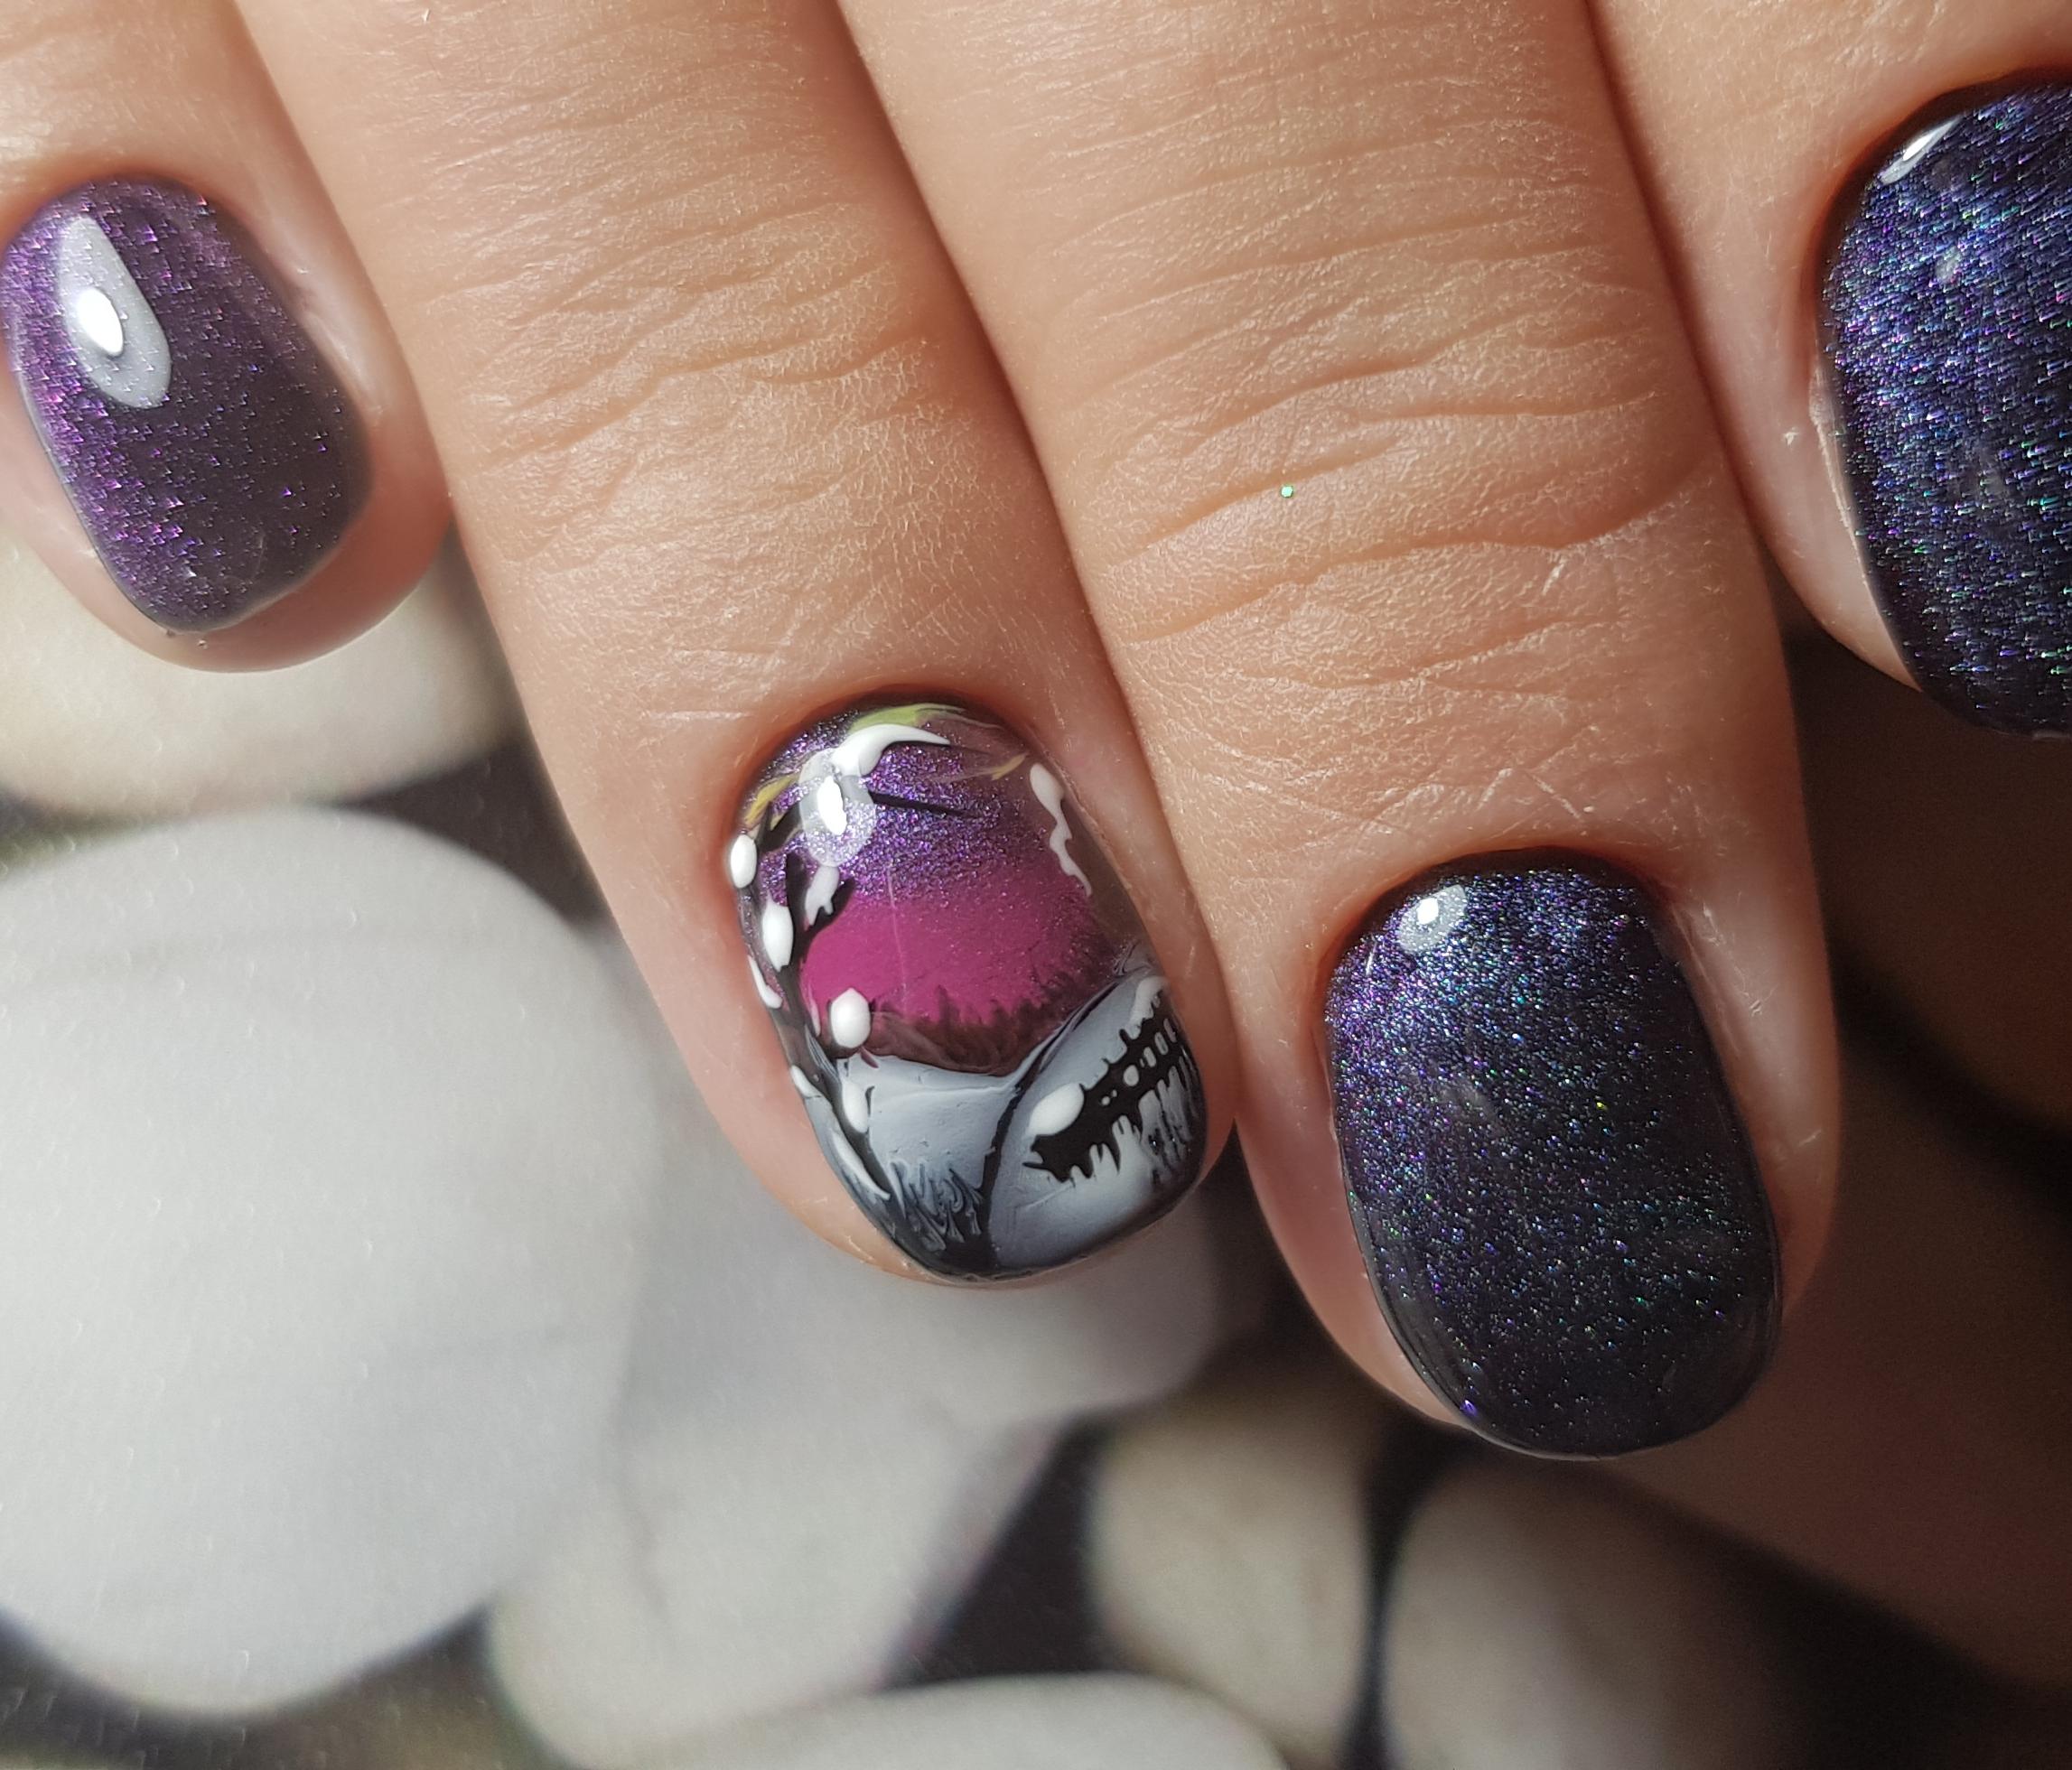 Маникюр в тёмно-фиолетовом цвете с блеска и и художественной росписью.